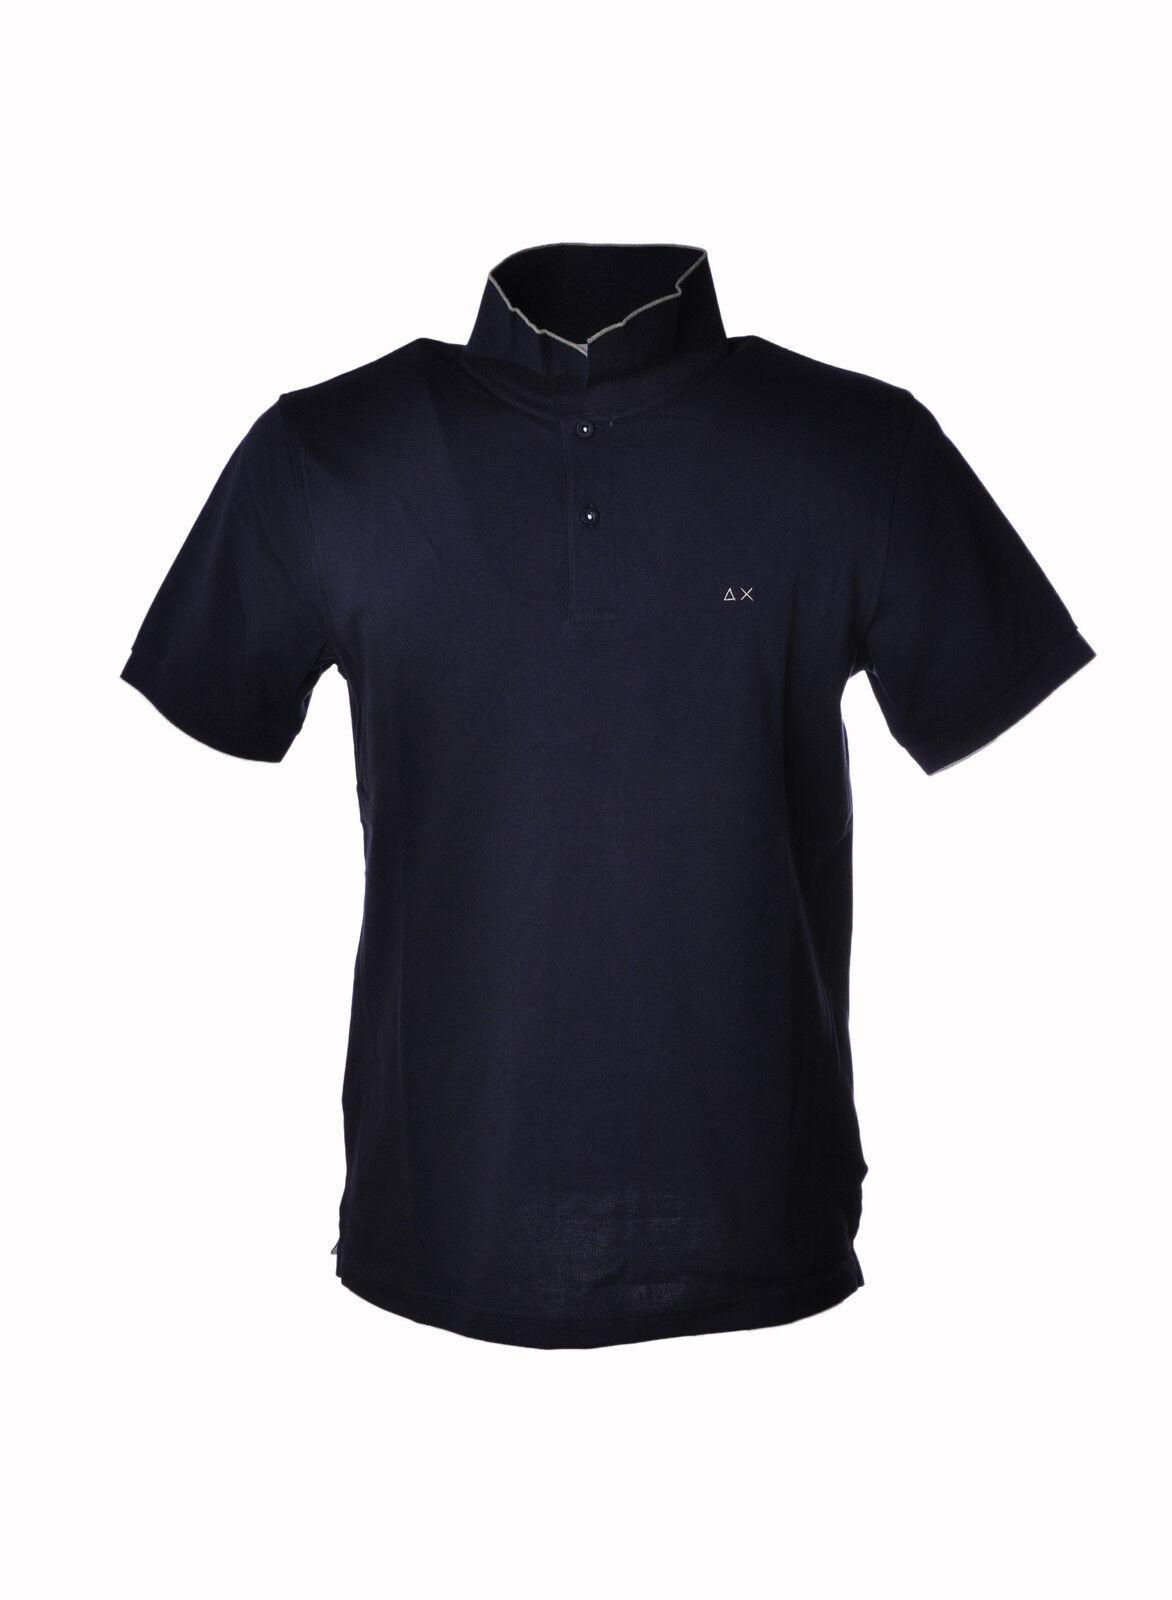 Sun 68 - Topwear-Polo - Man - bluee - 3206619G184445